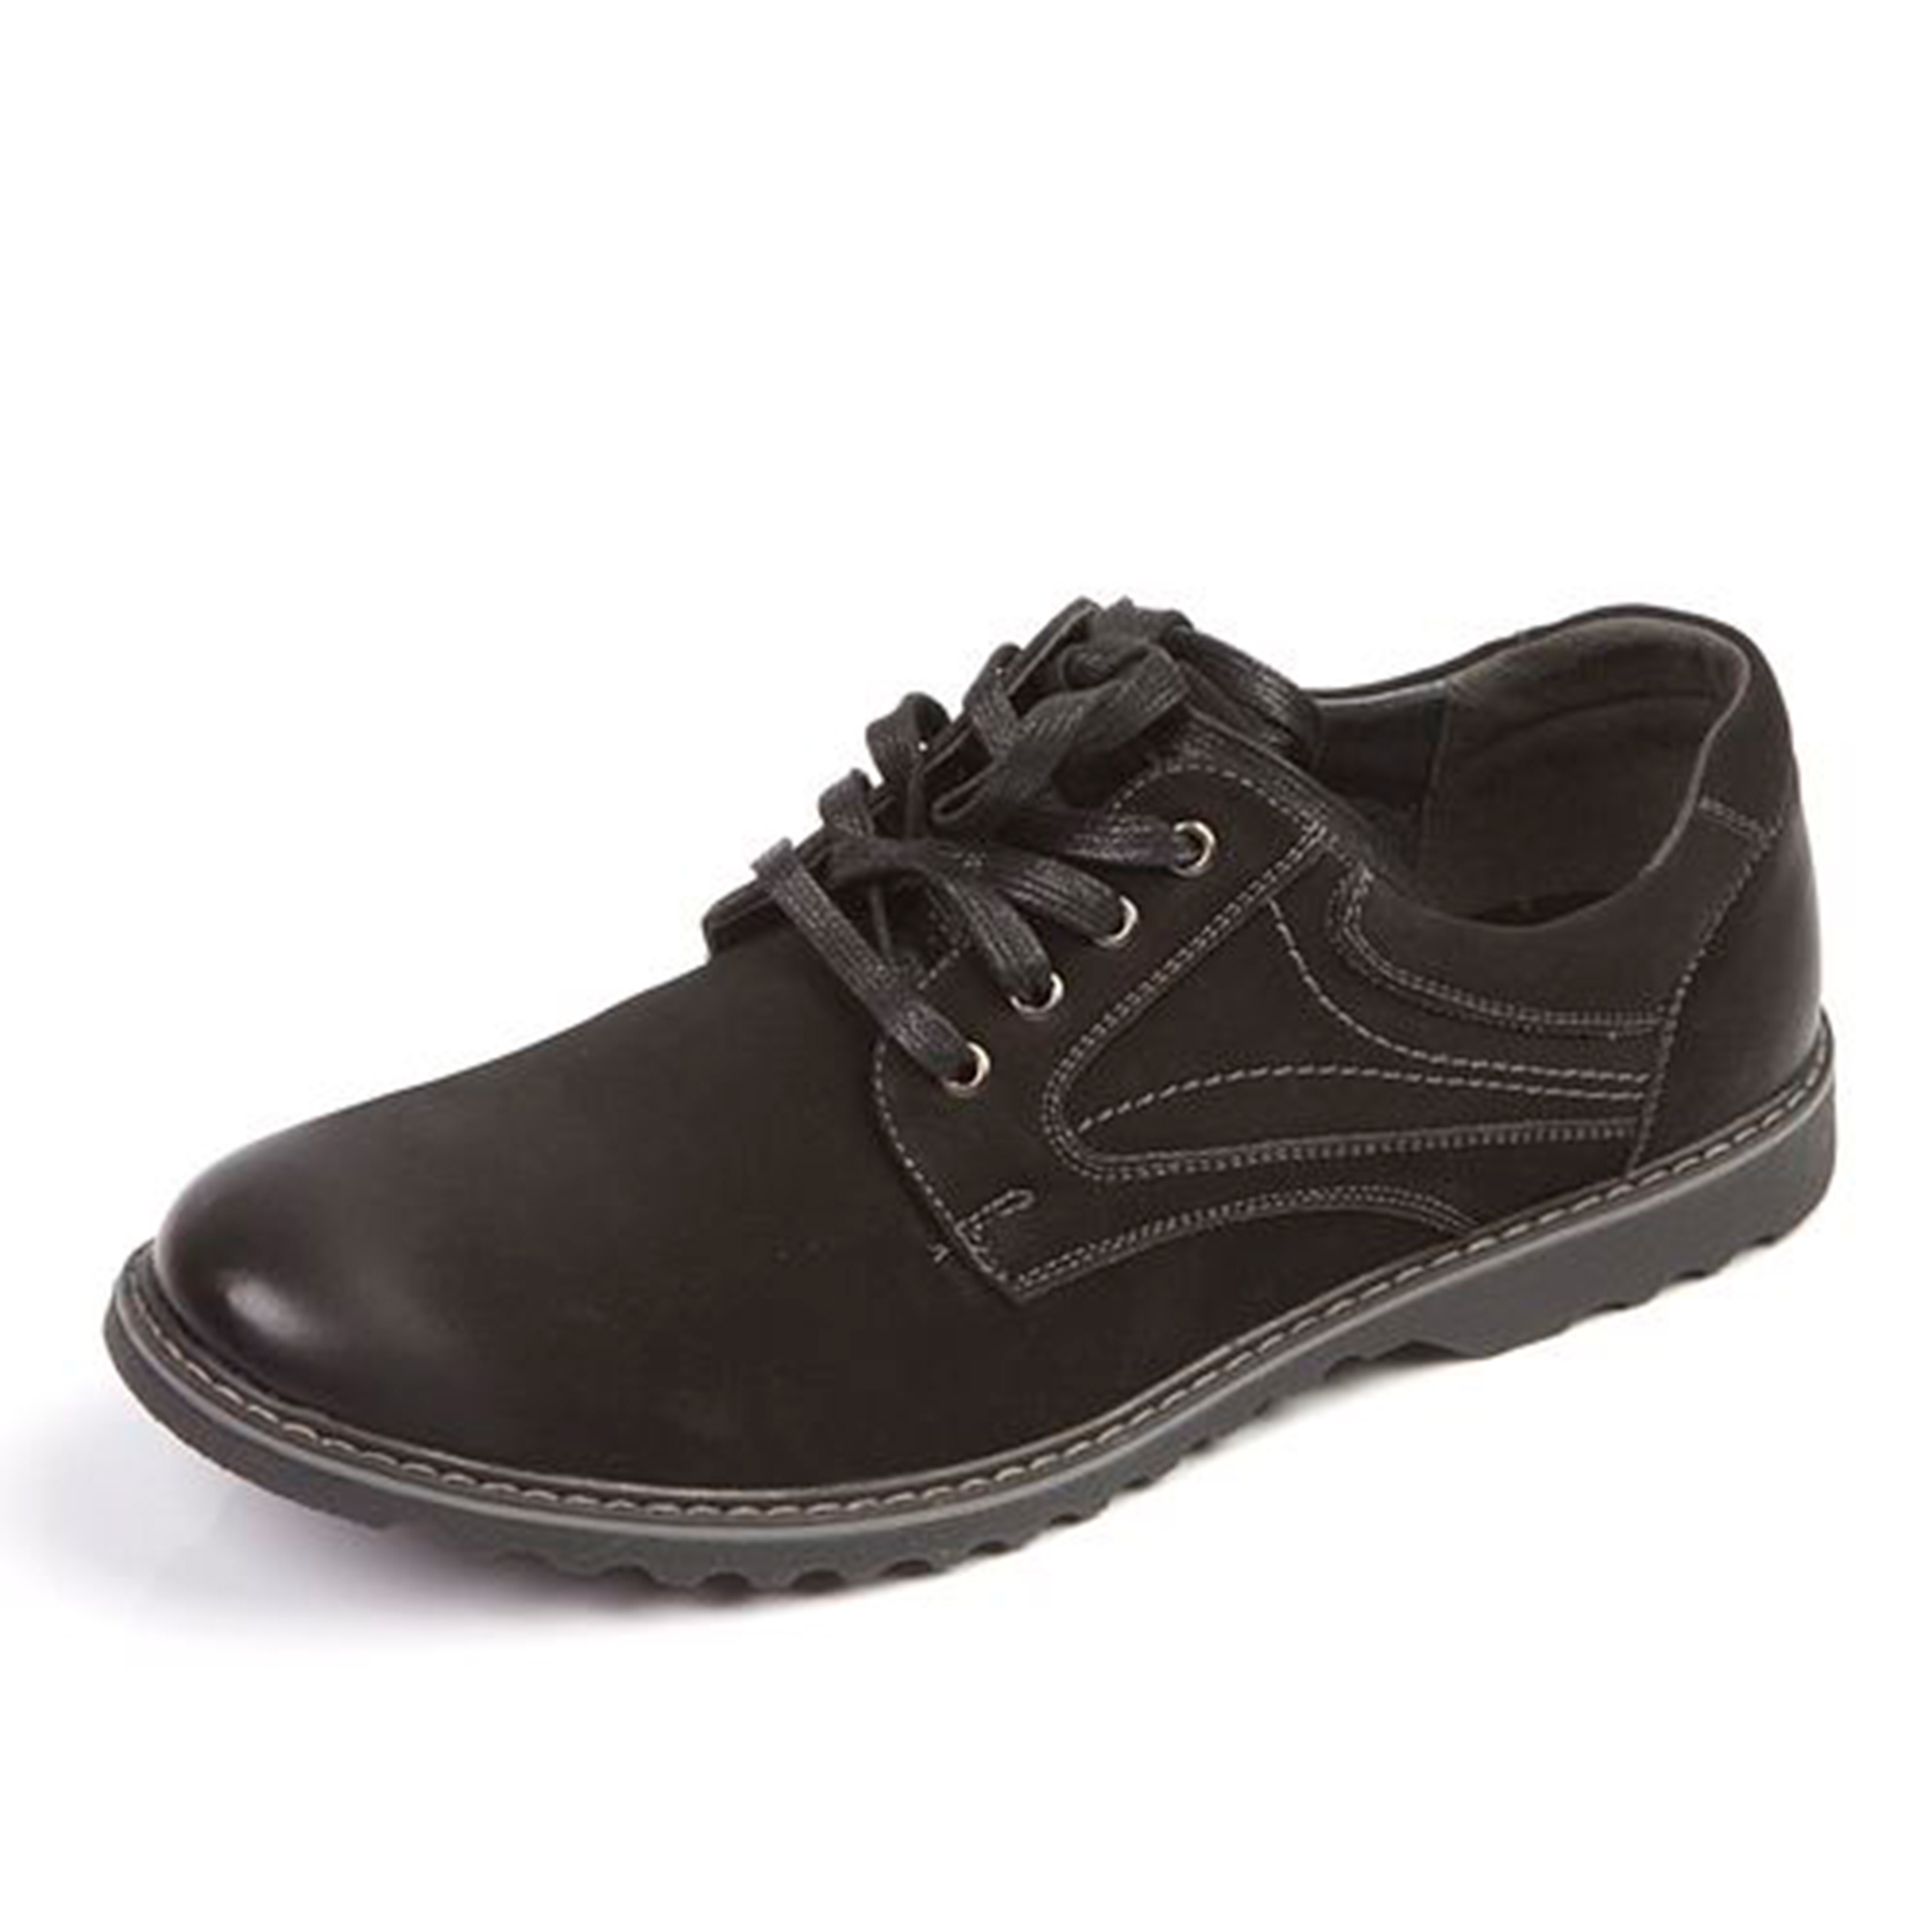 Мужские практичные туфли с потертым мысом